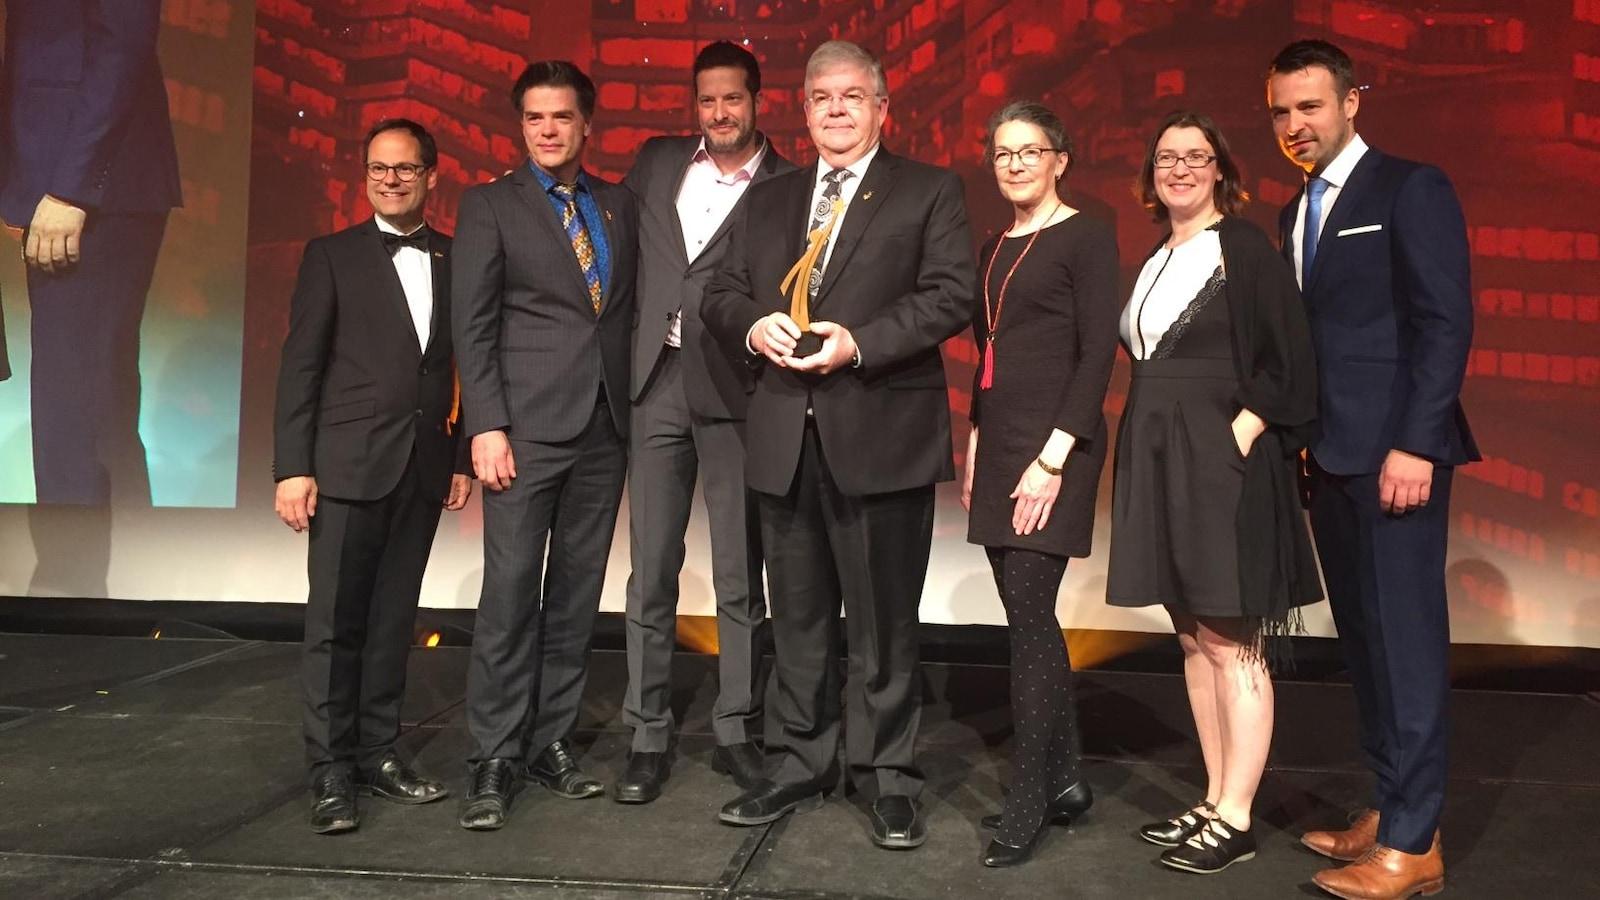 Le maire de Val-d'Or, Pierre Corbeil, entouré de son équipe, reçoit le mérite «Ovation» de l'UMQ.